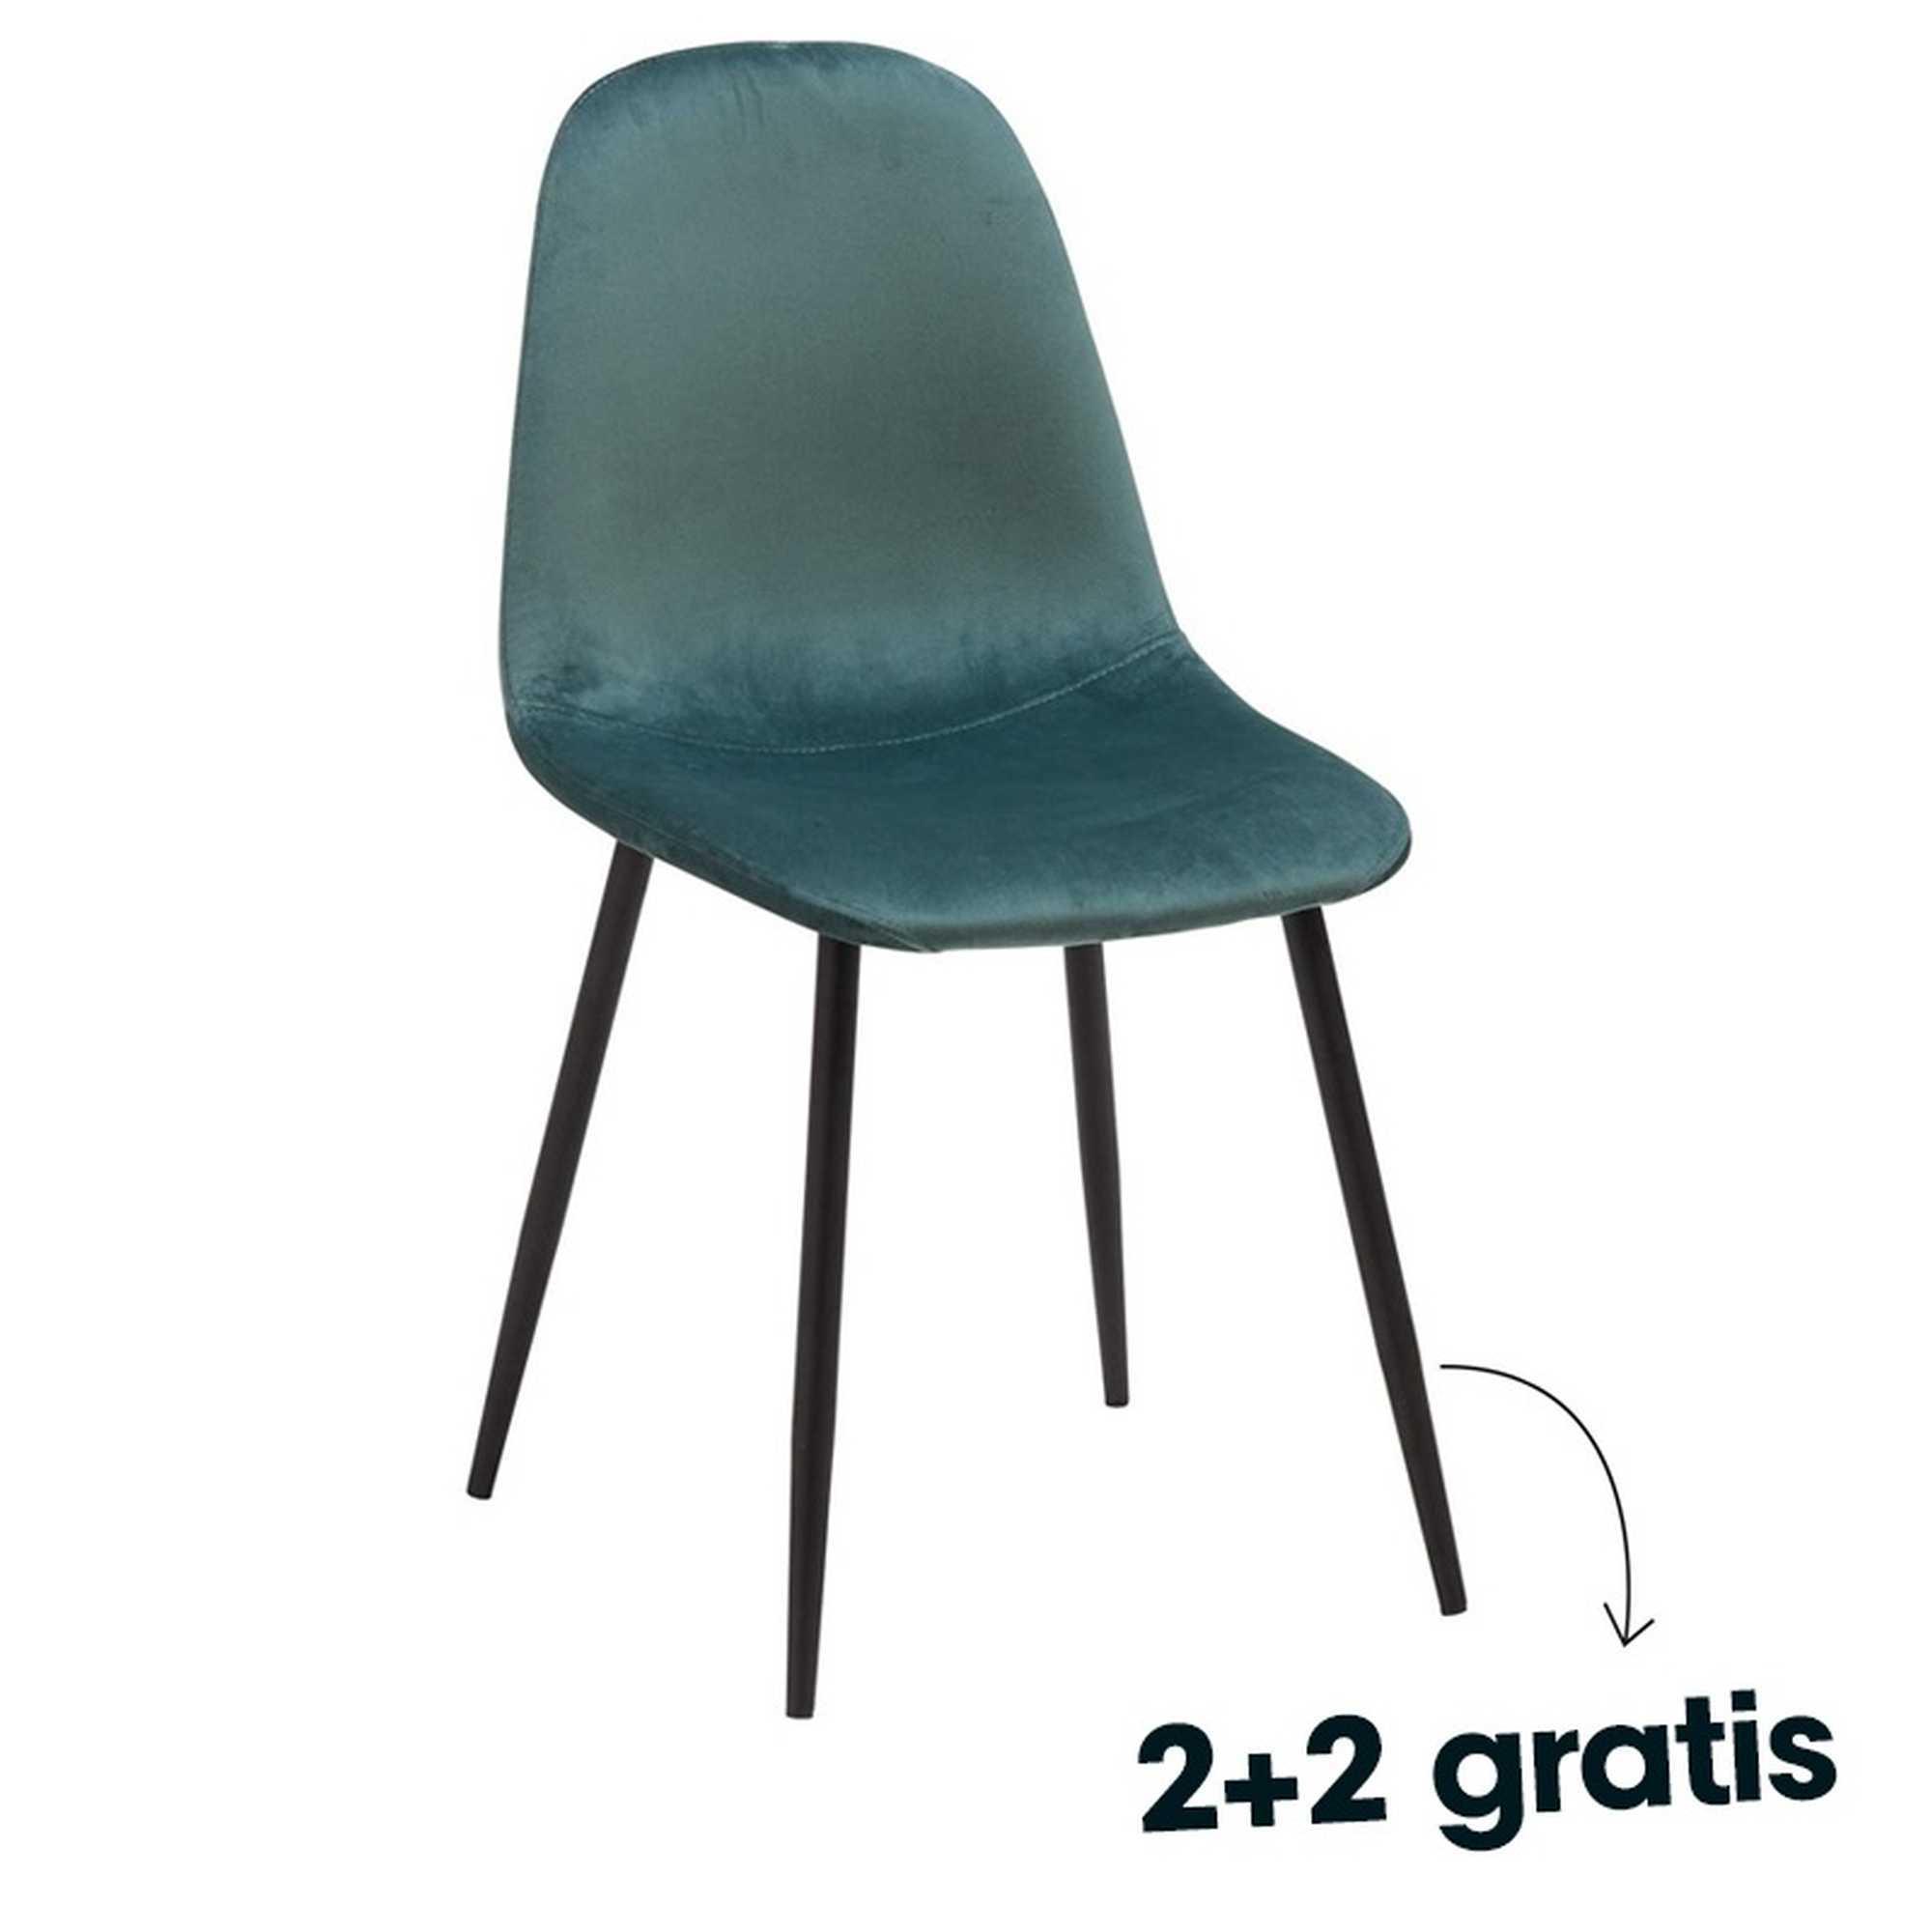 2+2 gratis - stoel Napoli - verschillende kleuren